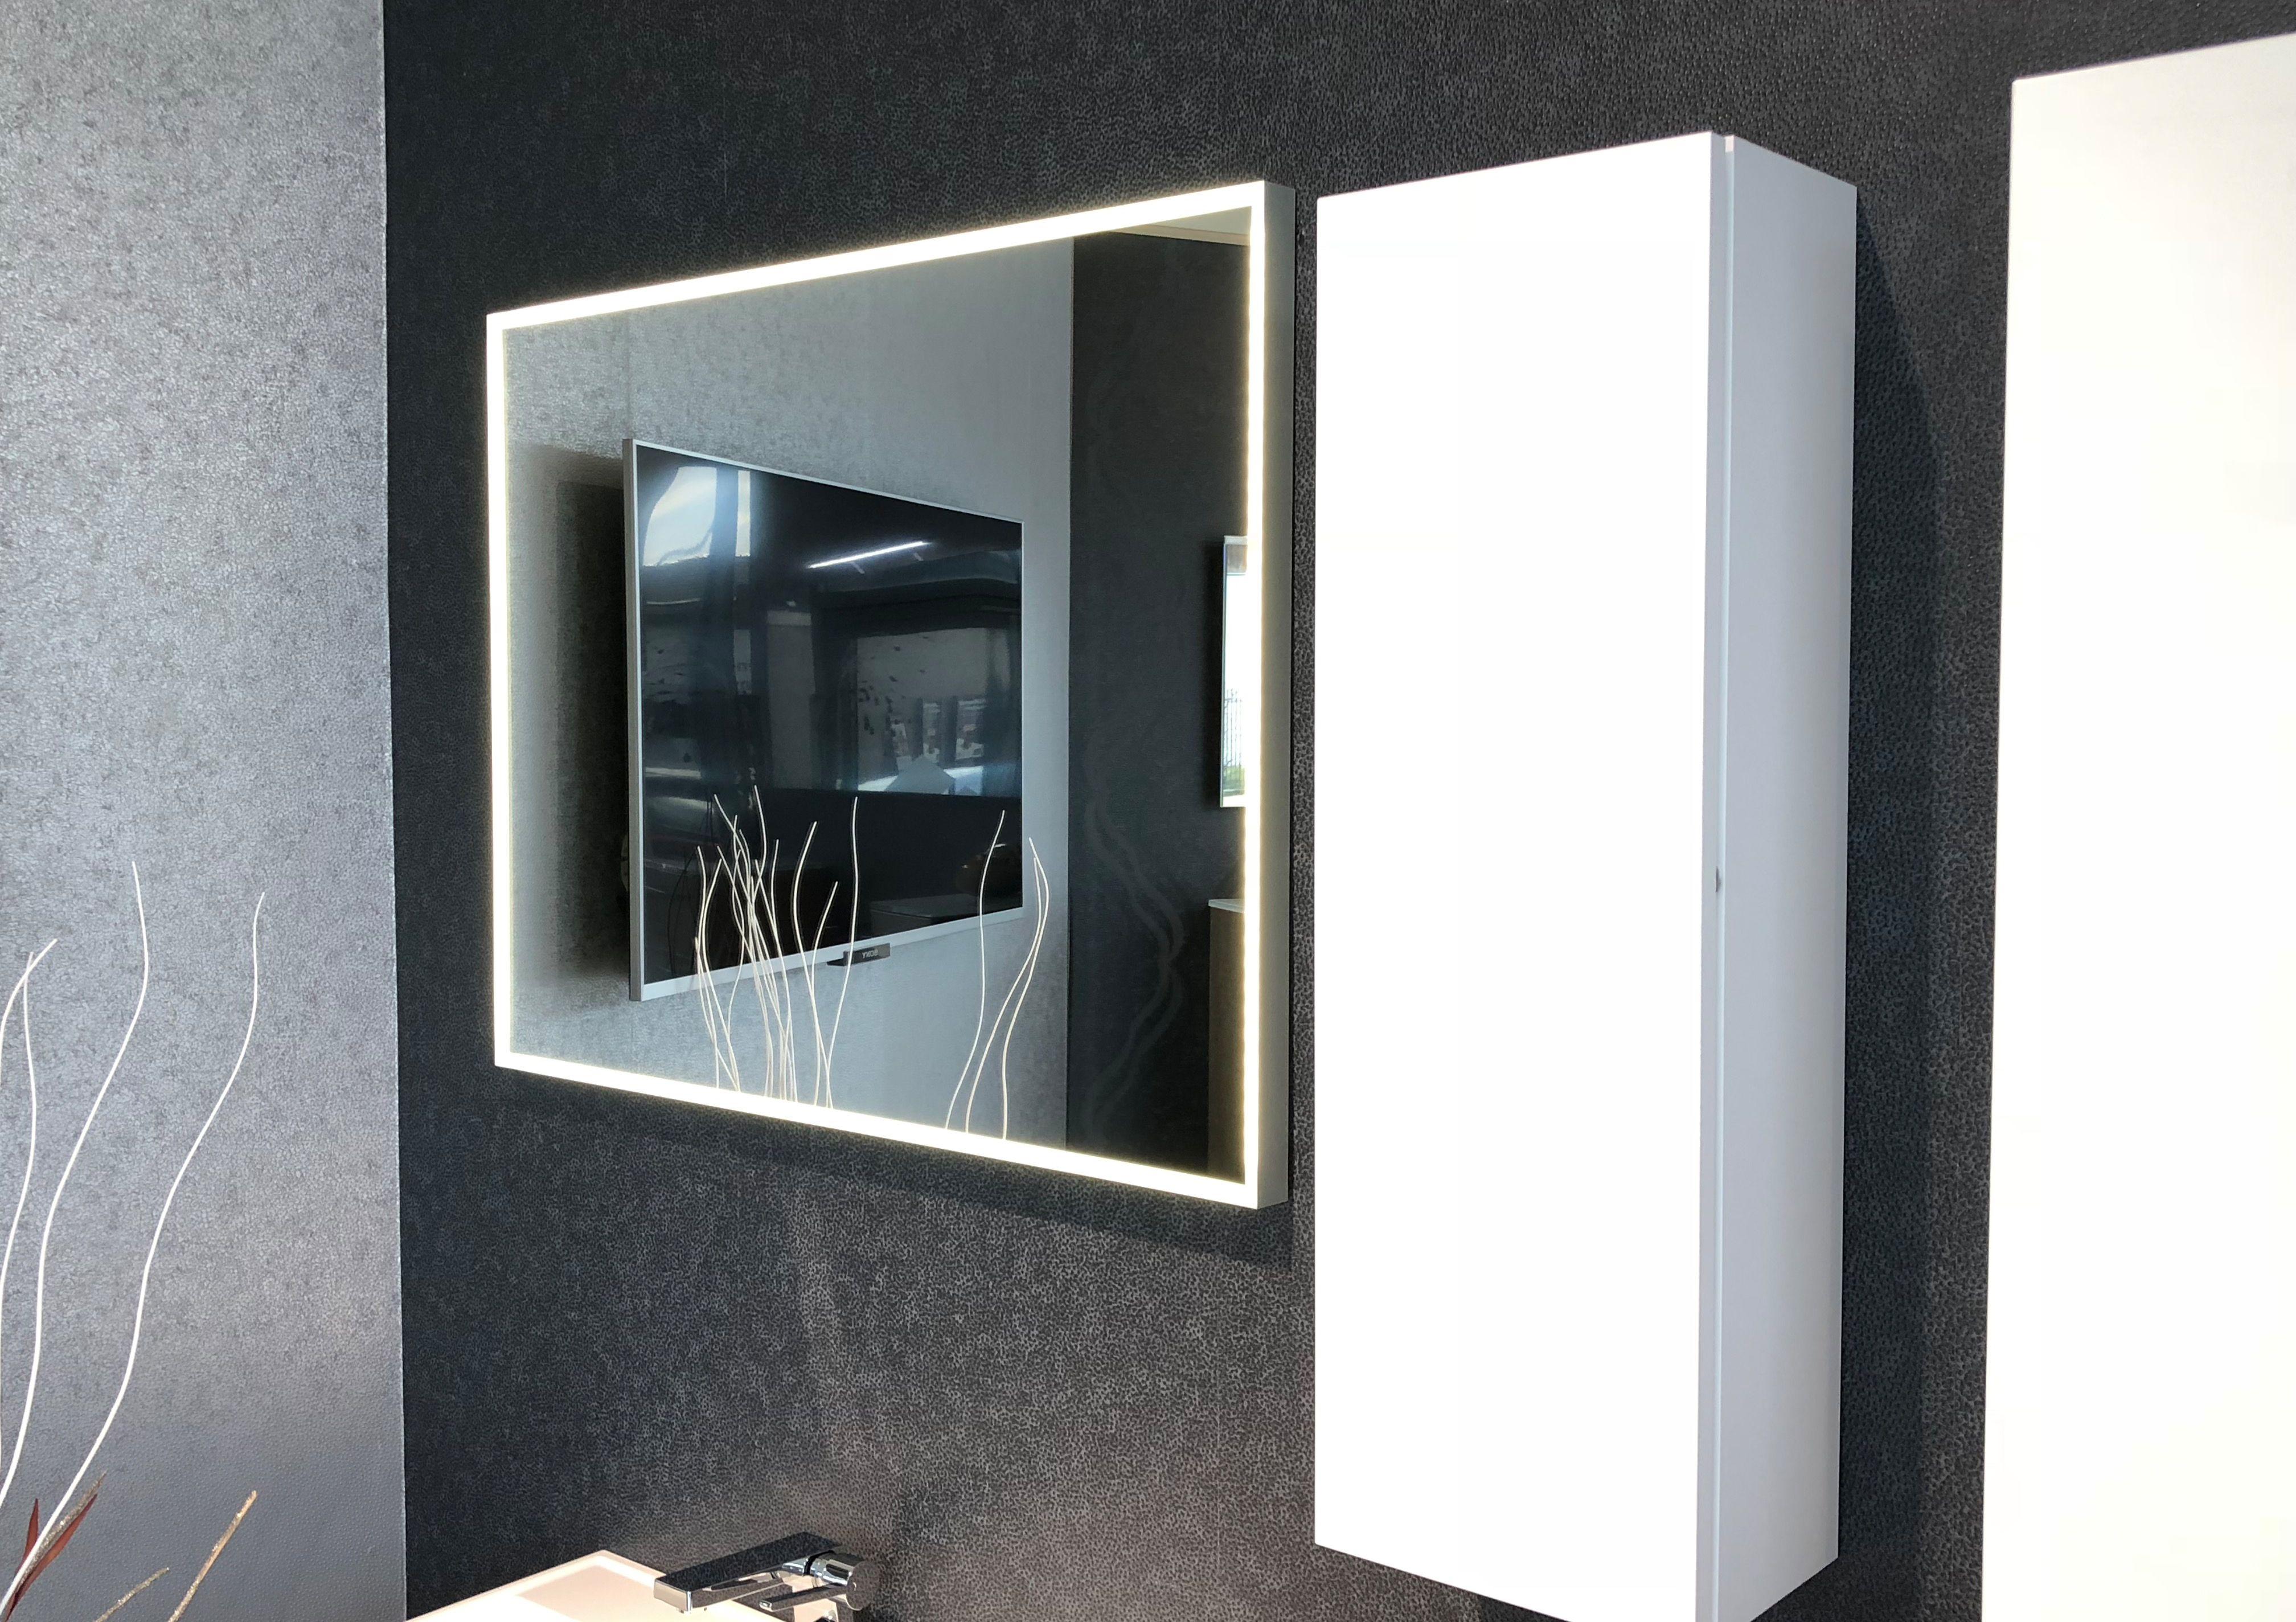 Badspiegel Mit Led Licht Online Im Shop Kaufen Entdecken Sie In